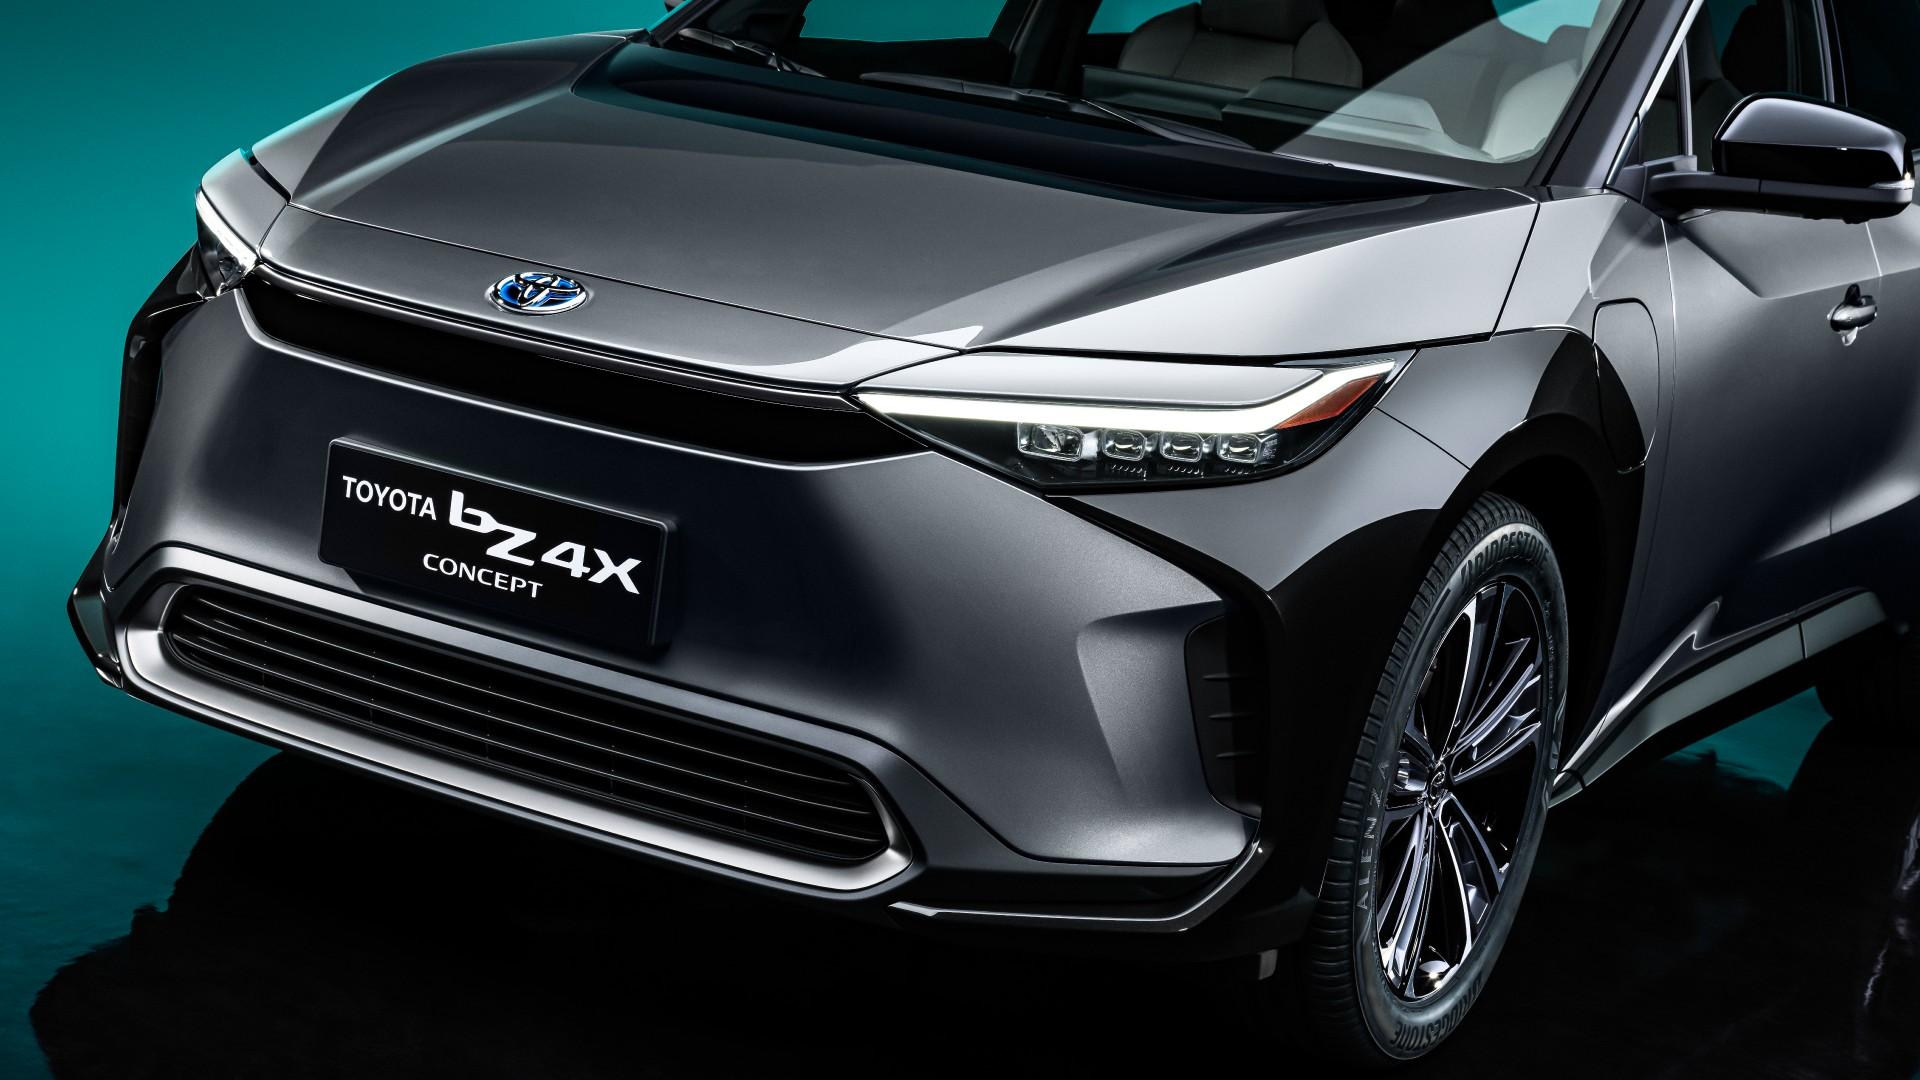 Αυτό είναι το πρώτο ηλεκτρικό SUV της Toyota (video)